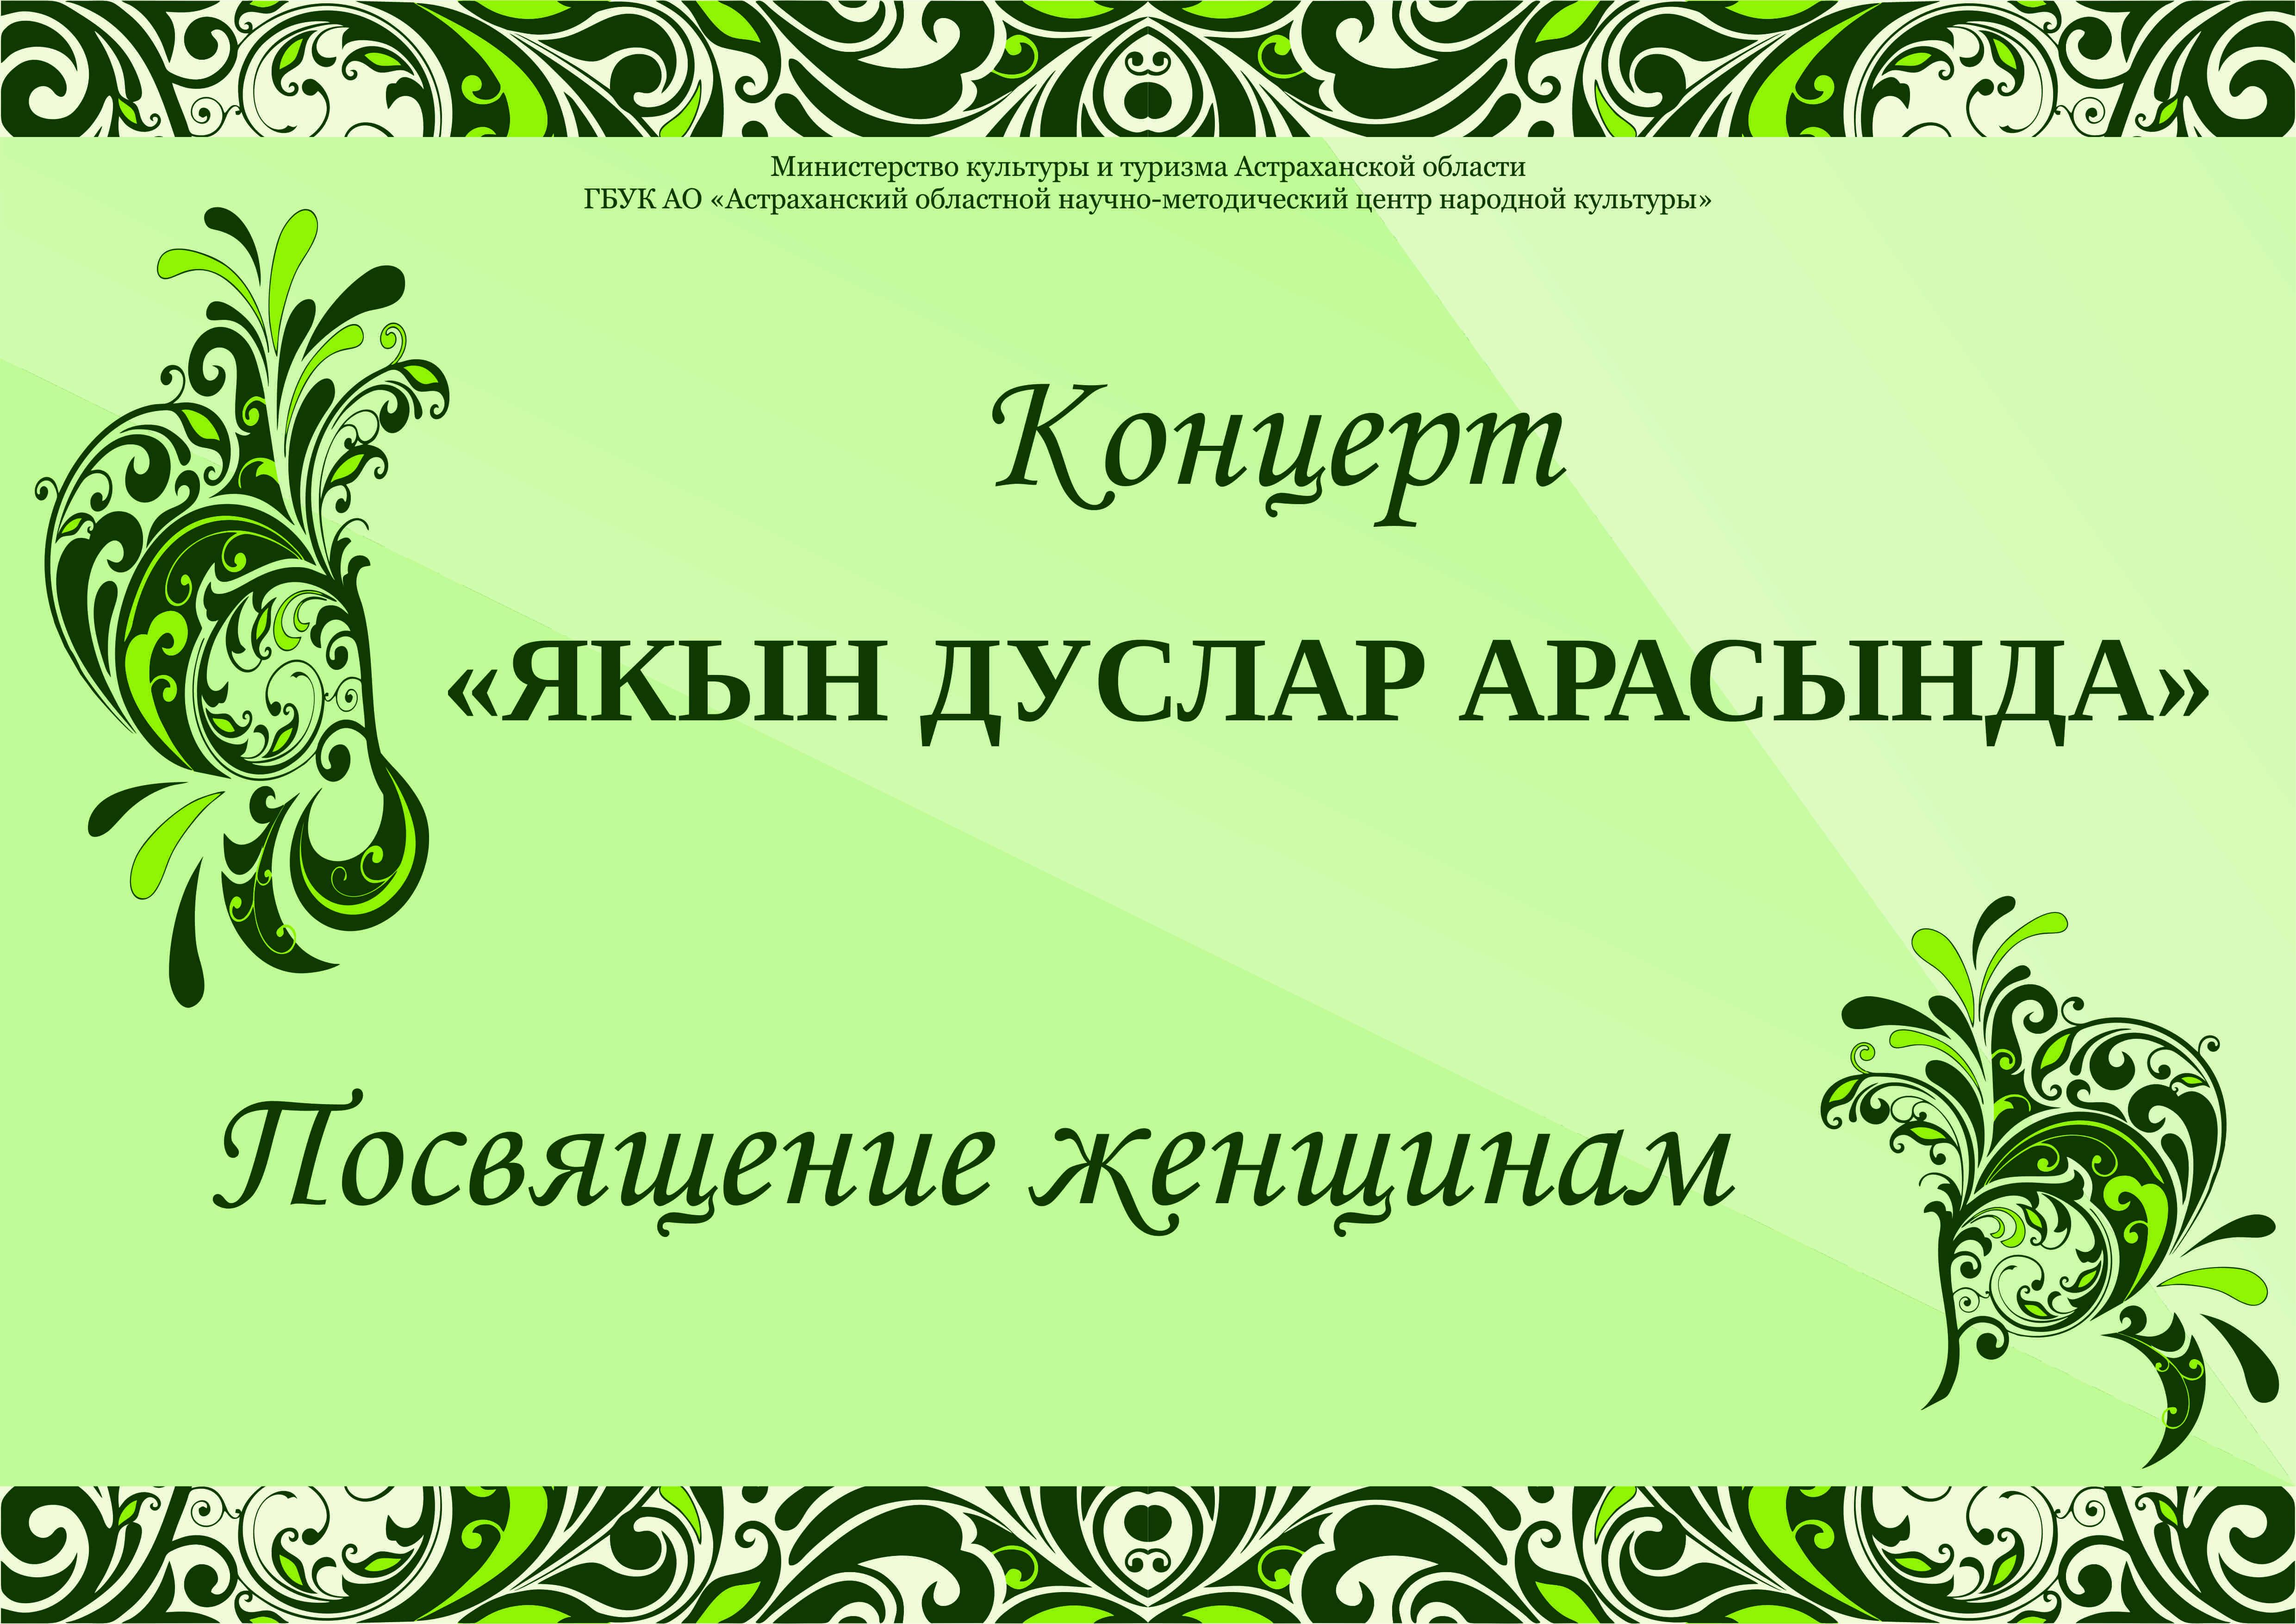 Творческие коллективы Центра народной культуры – жителям села